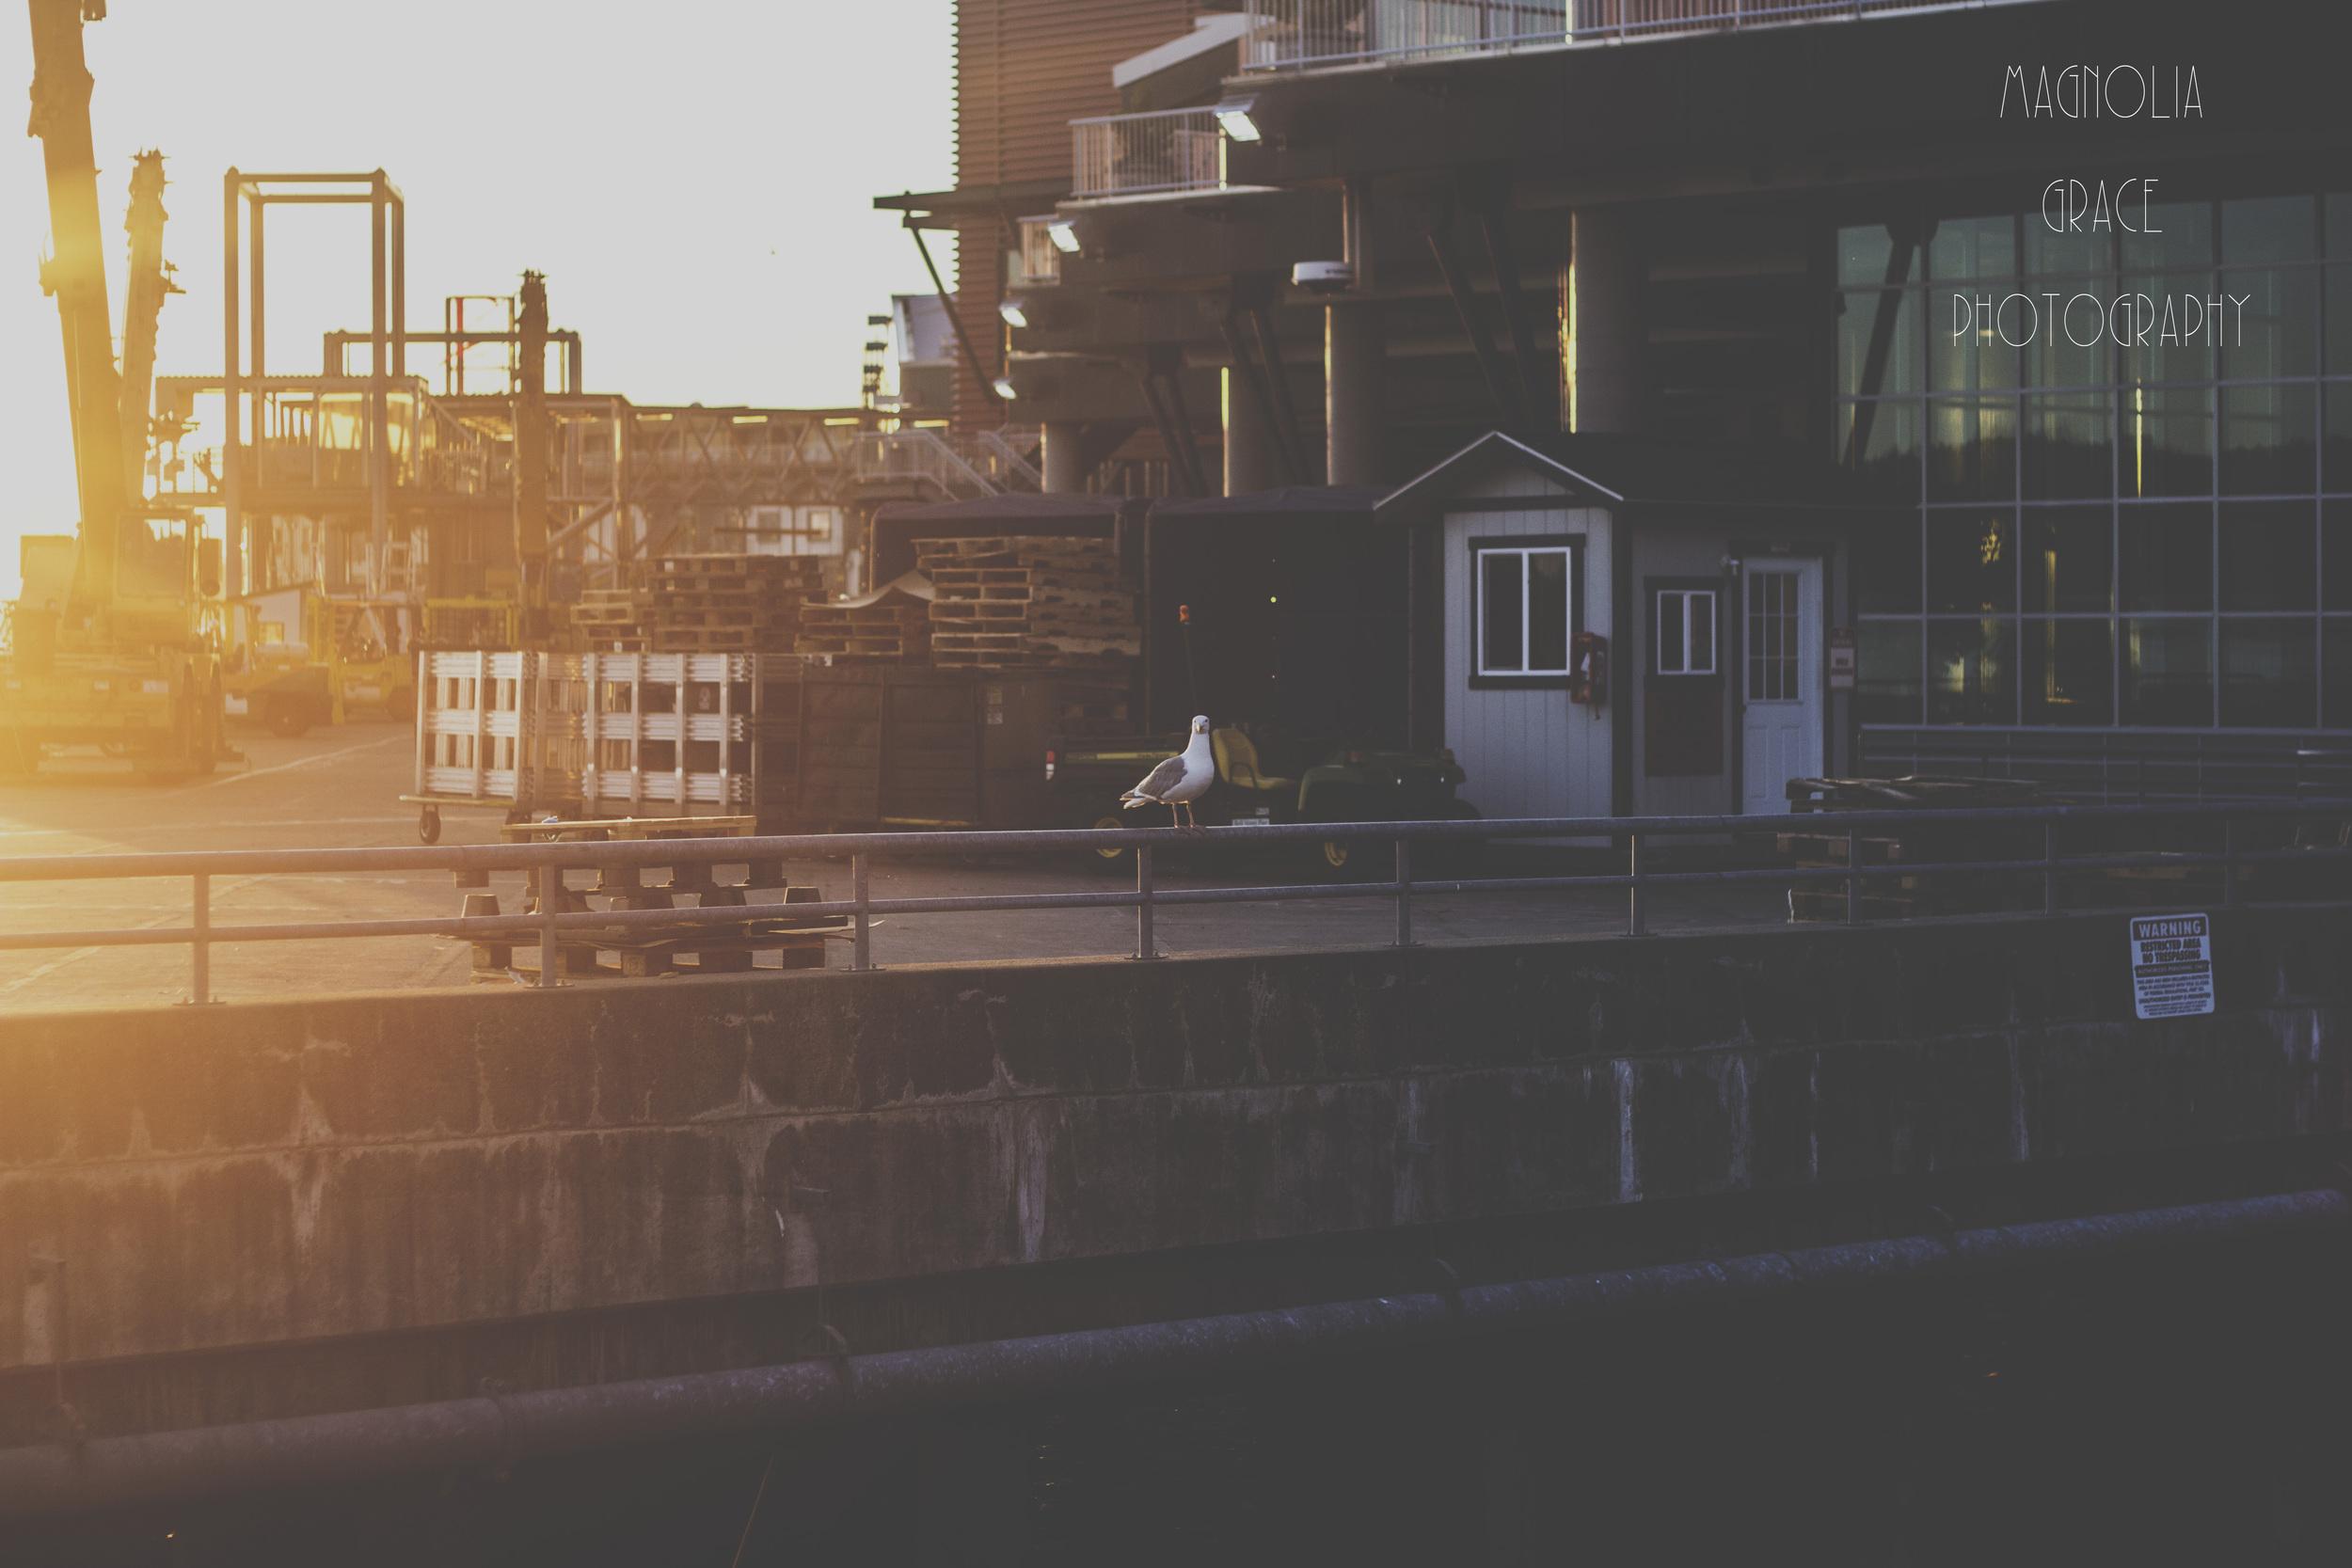 Seattle Washington | Magnolia Grace Photography